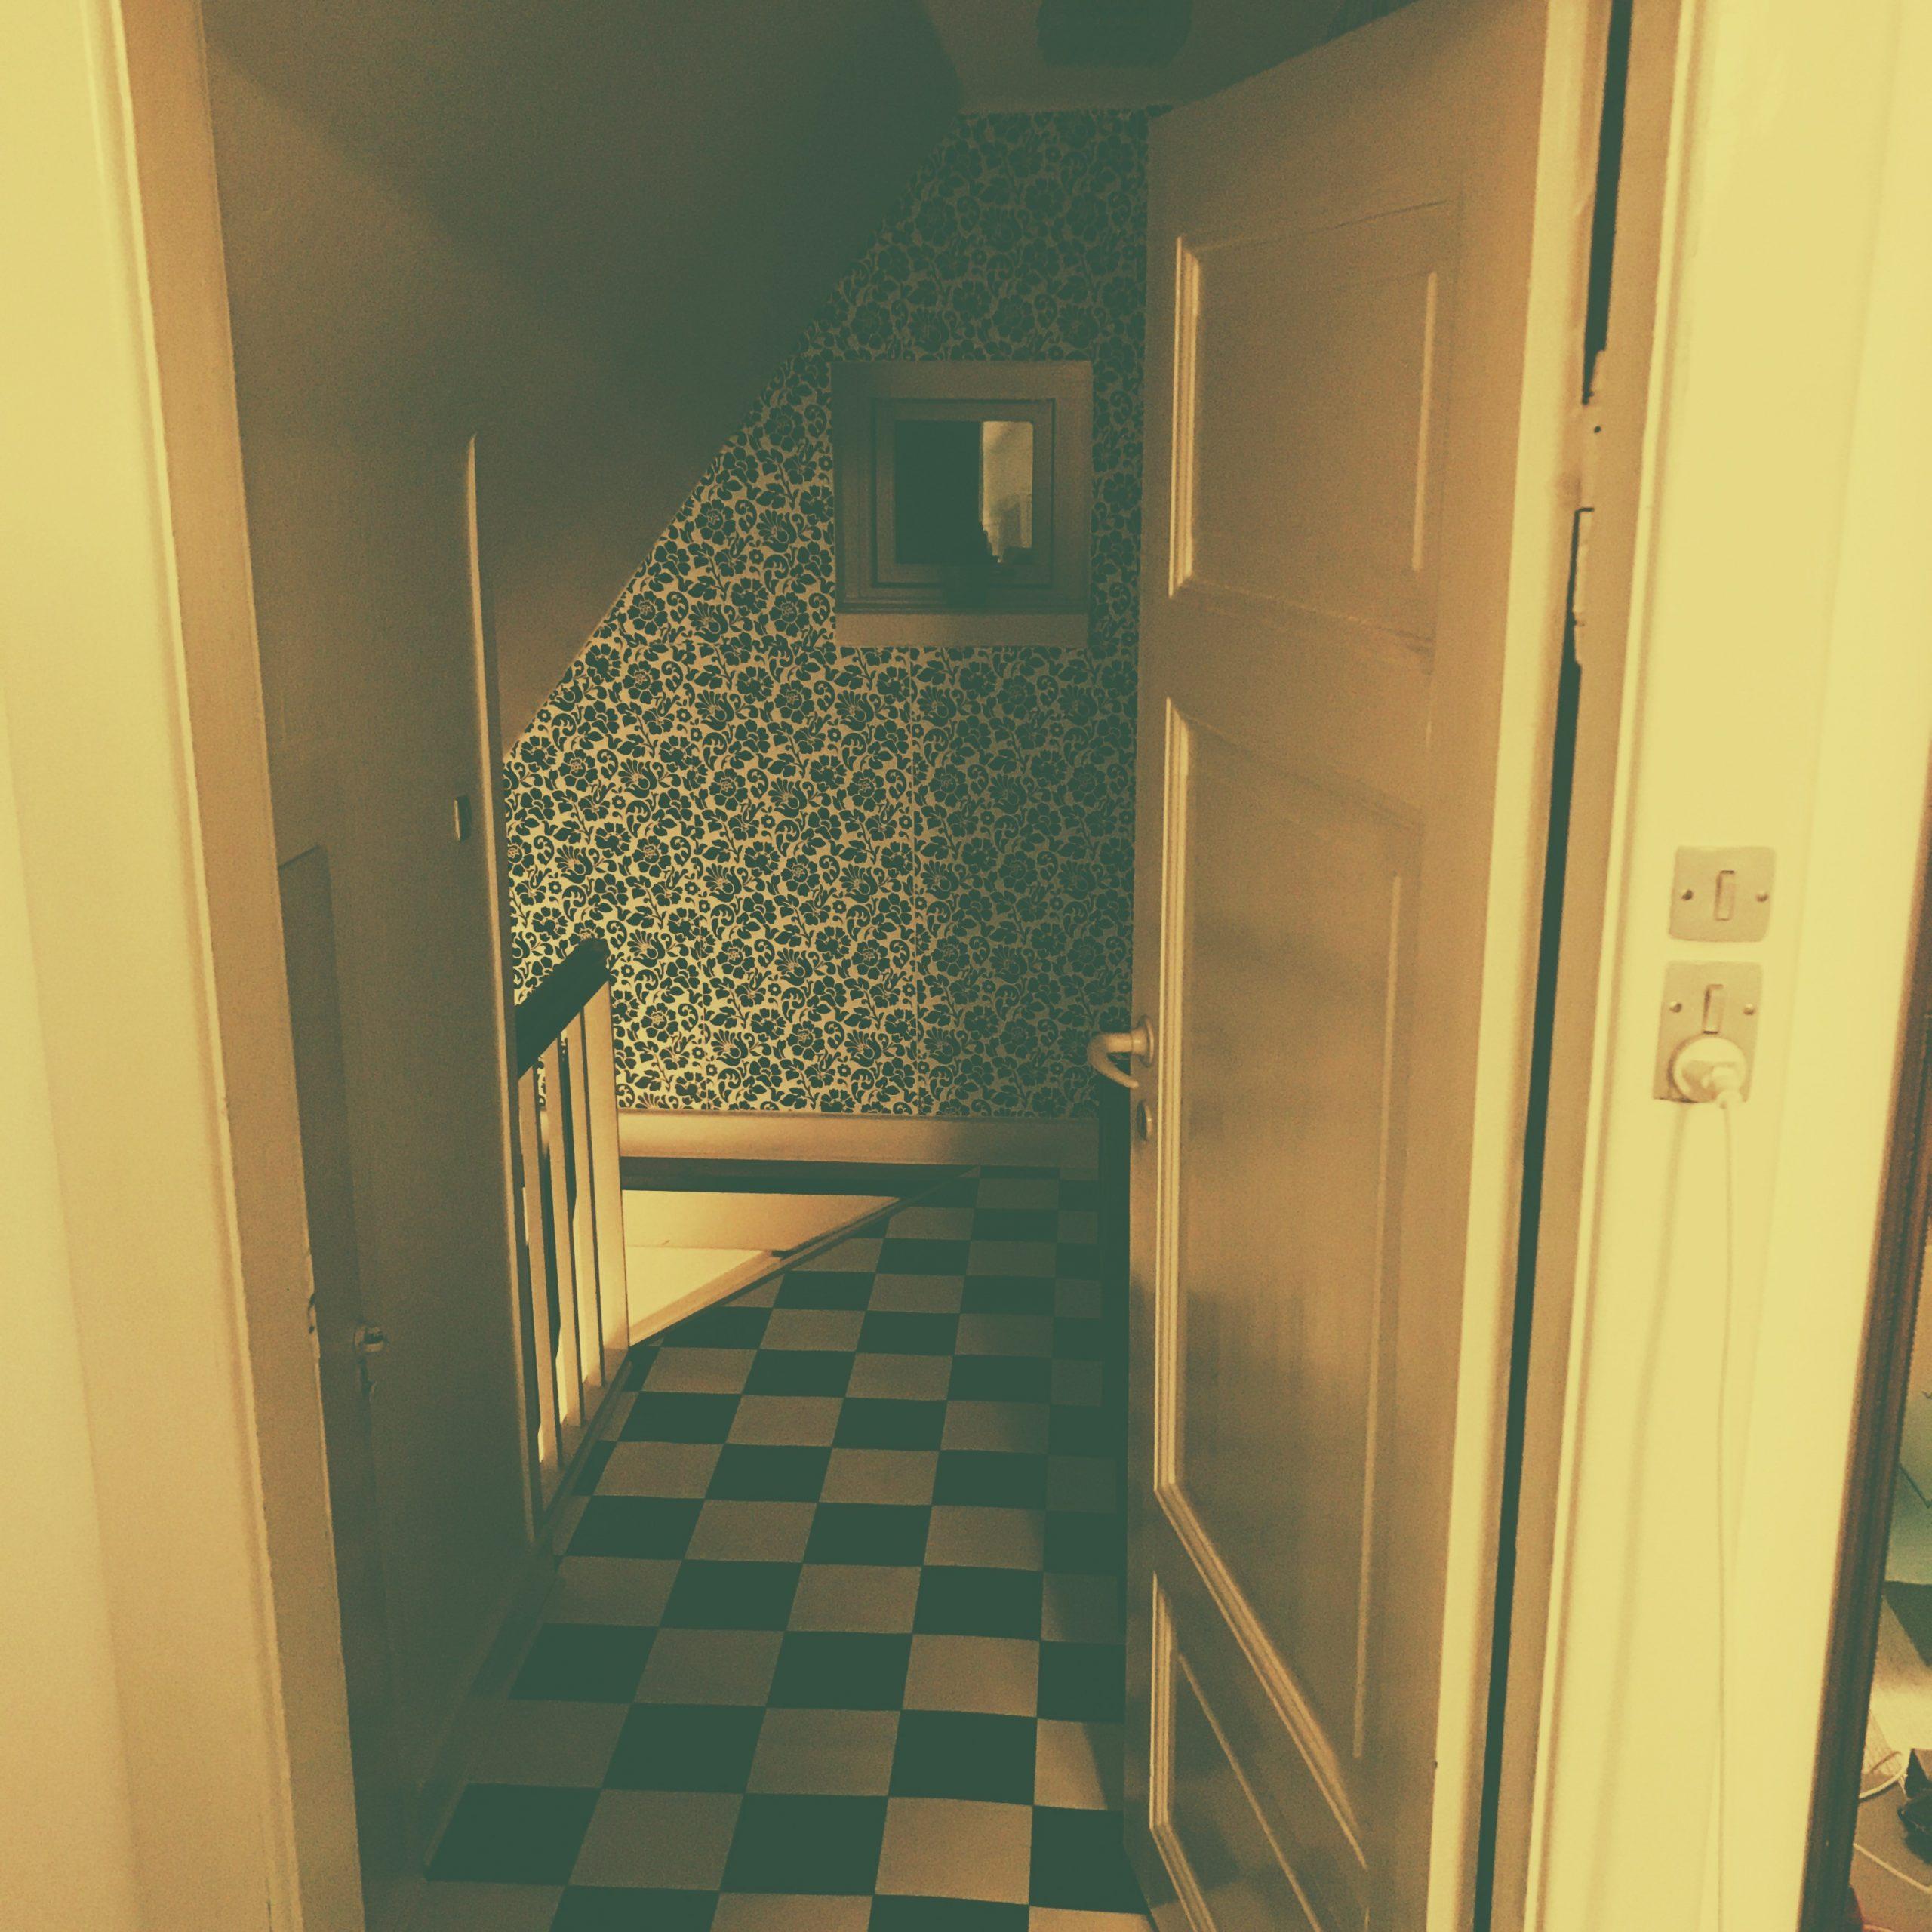 Hvorfor er døre vigtige for indretningen af et hjem?